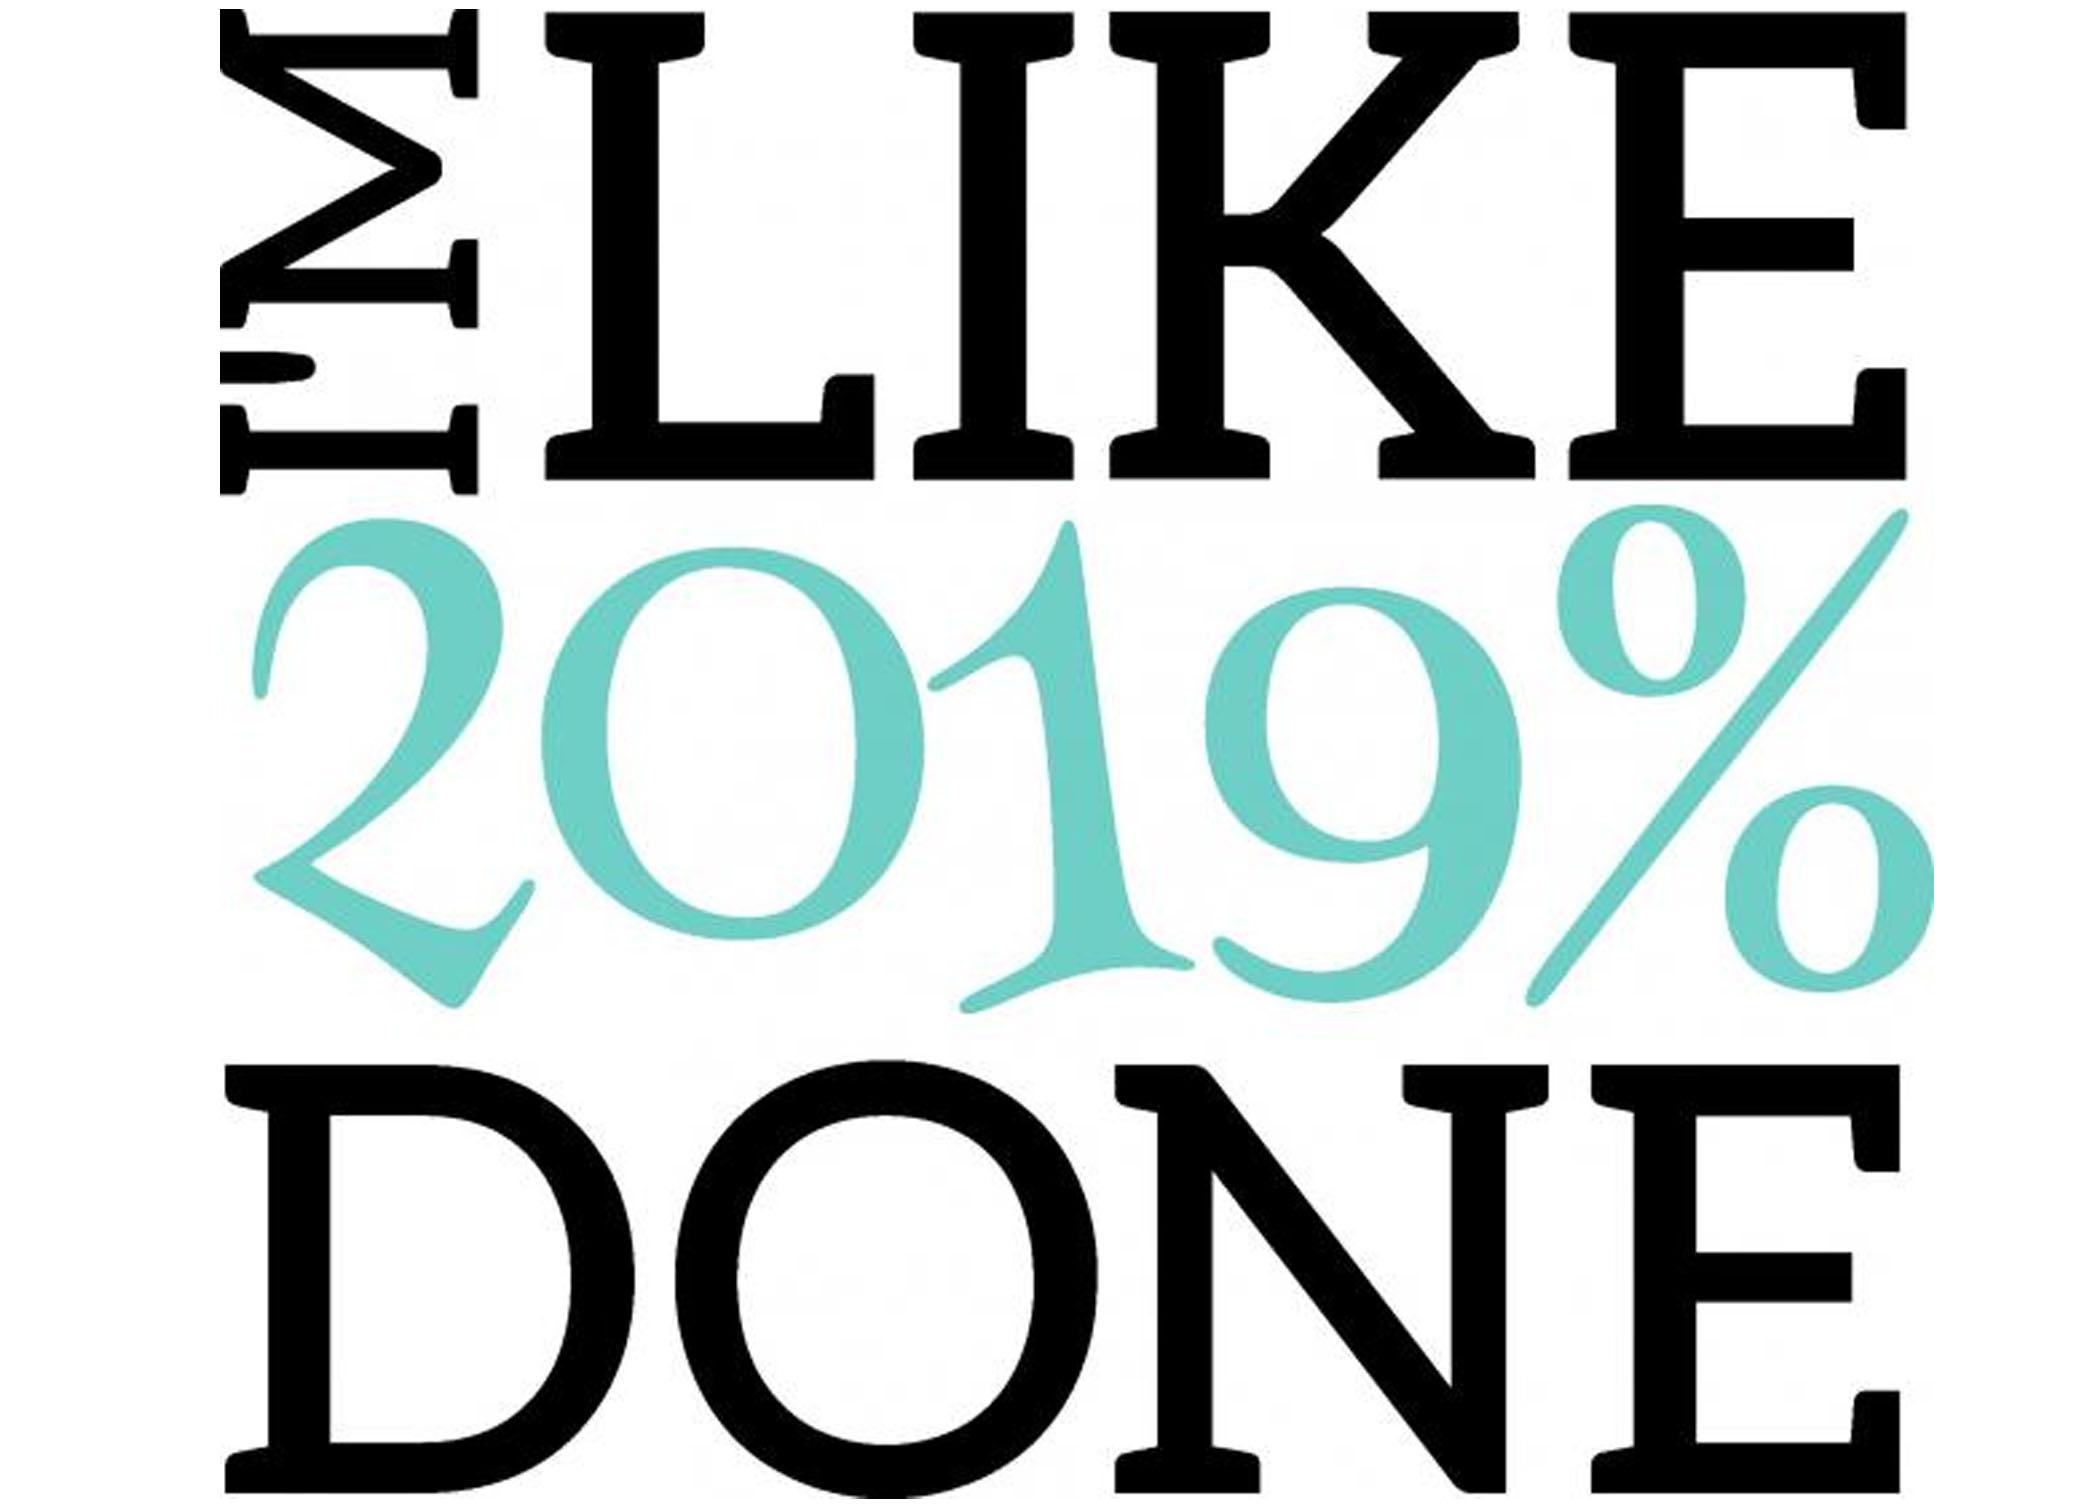 I'm Like 2019% Done